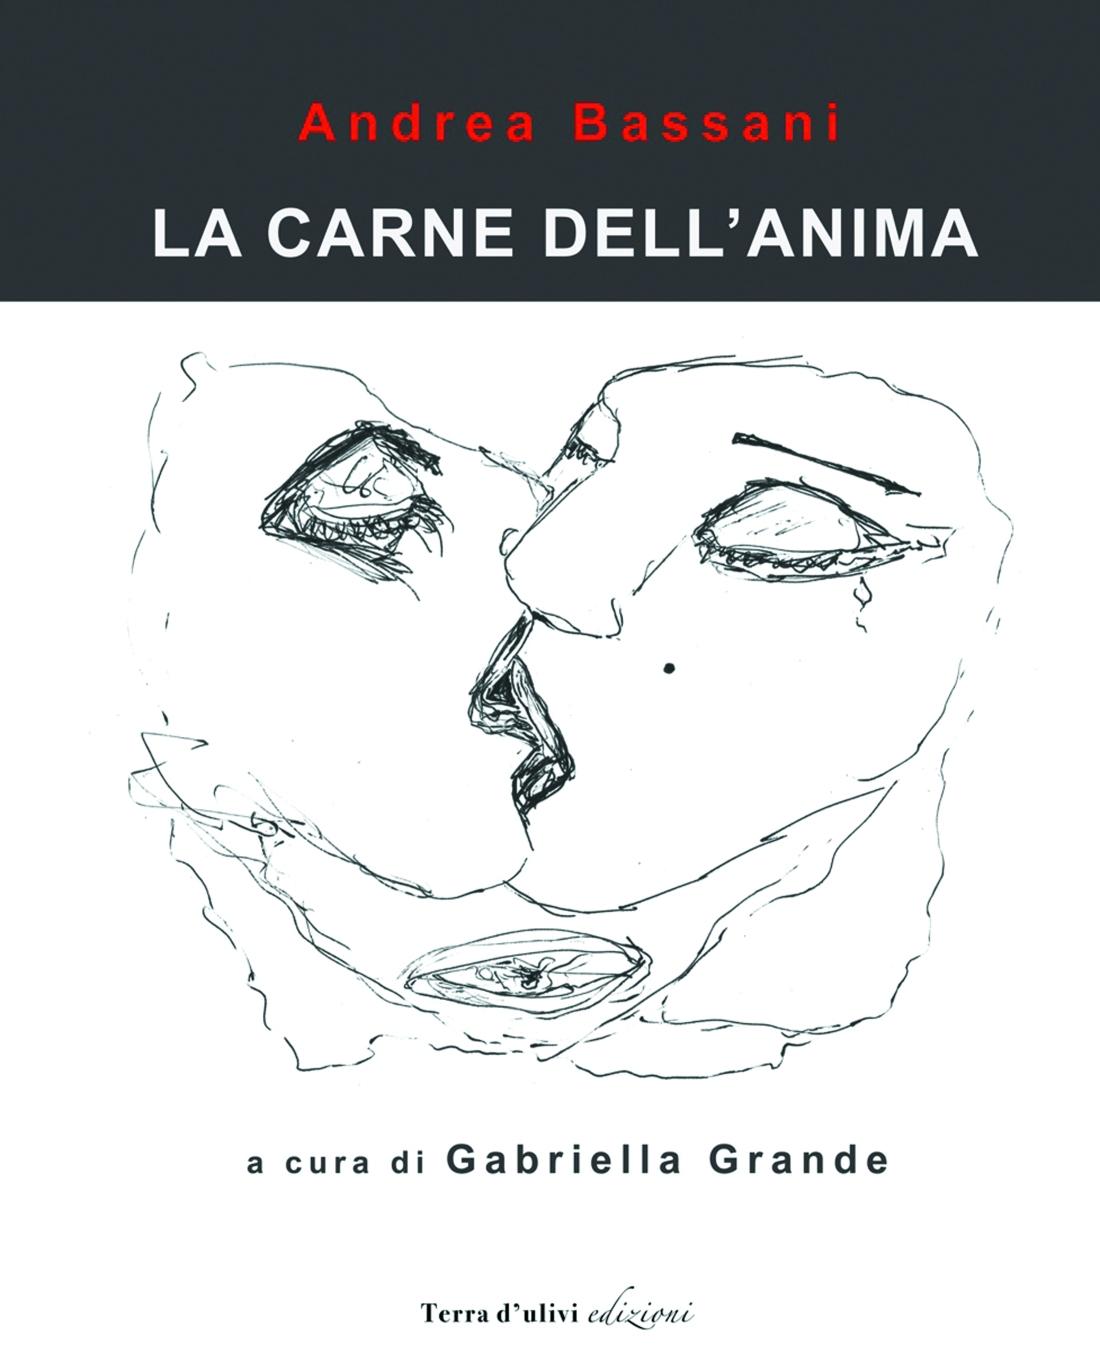 Catalogo d'Arte La carne dell'anima di Andrea Bassani. A cura di Gabriella Grande (Terra d'Ulivi Edizioni, dicembre 2017)